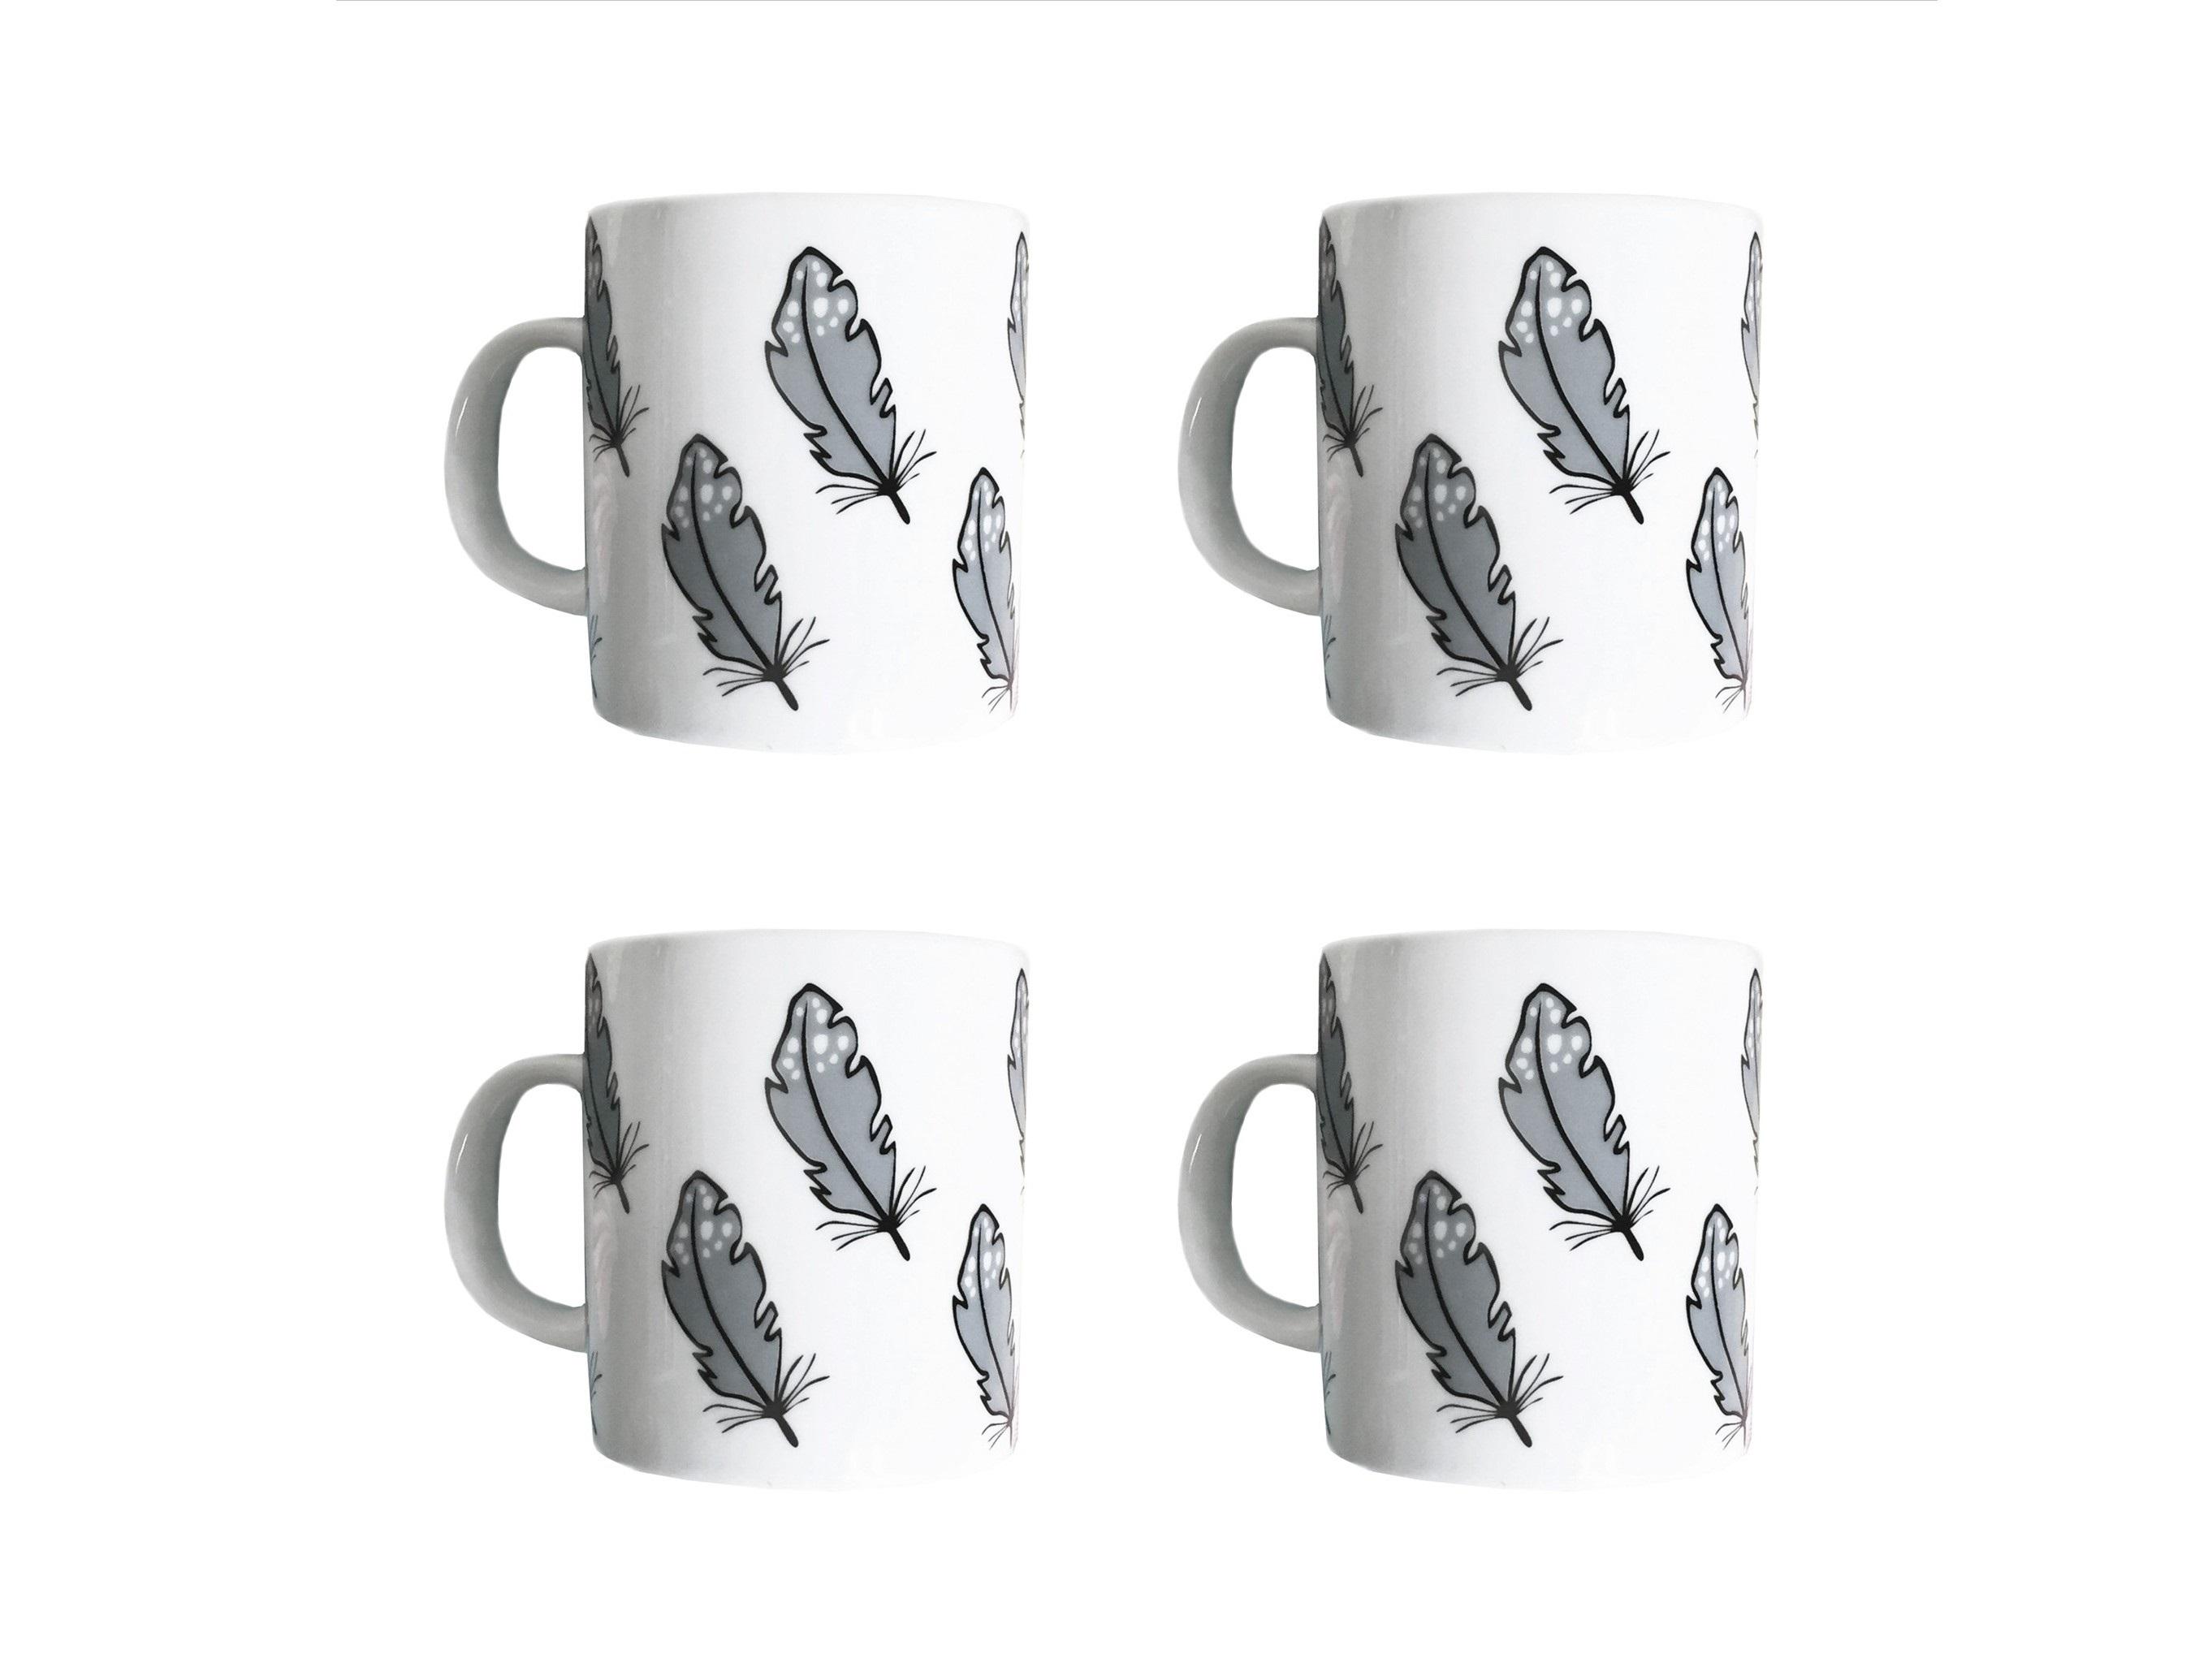 Набор кружек Перо (4 шт)Чайные пары, чашки и кружки<br>Посуду можно использовать в микроволновой печи и посудомоечной машине.&amp;amp;nbsp;&amp;lt;div&amp;gt;Объем: 300 мл.&amp;lt;/div&amp;gt;<br><br>Material: Фарфор<br>Высота см: 9